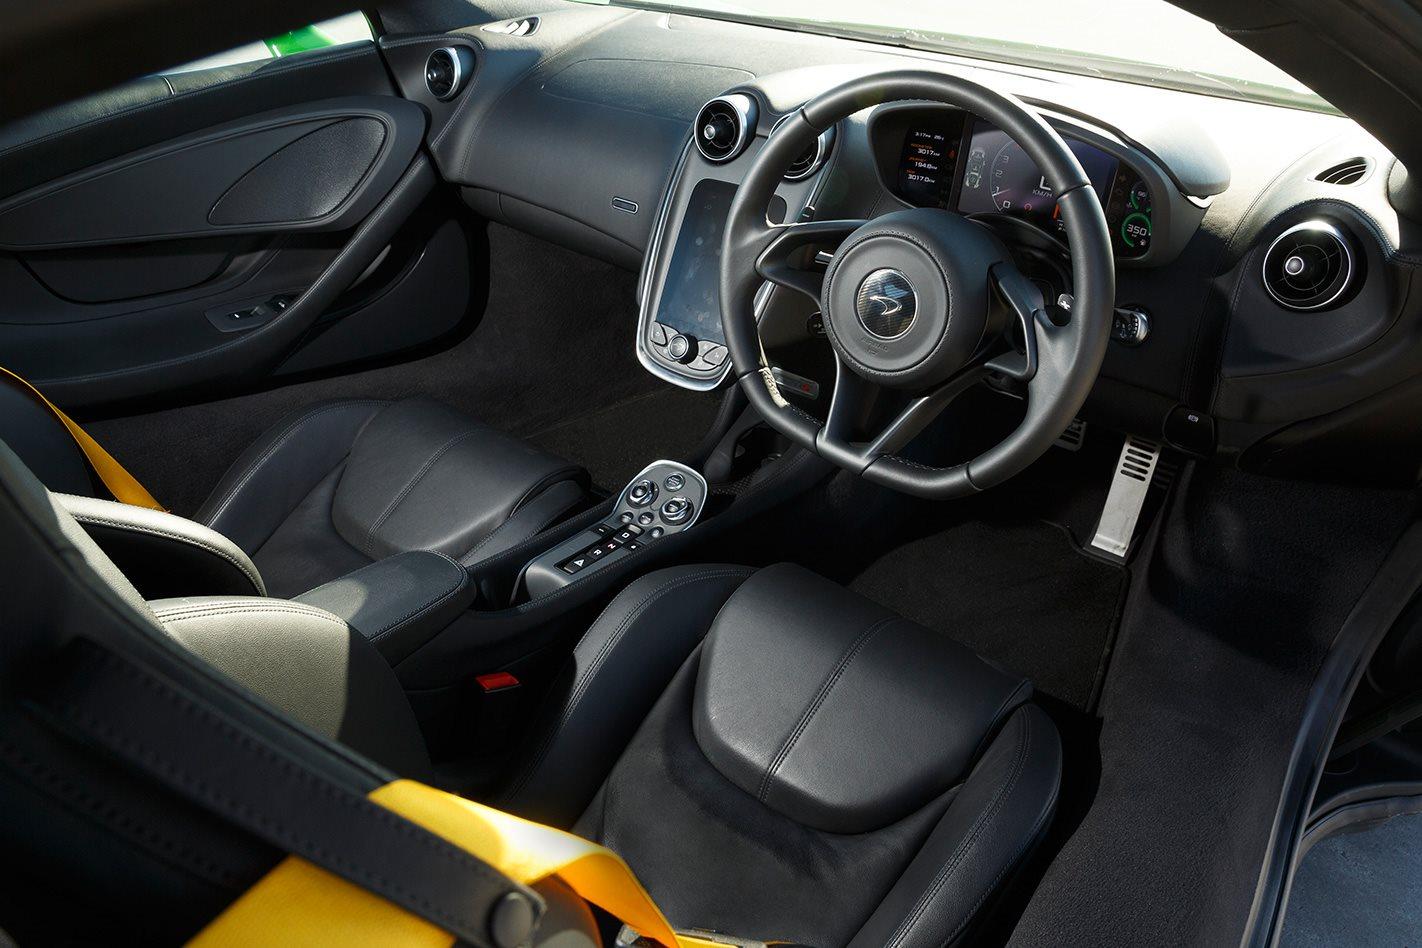 2017 McLaren 570S interior